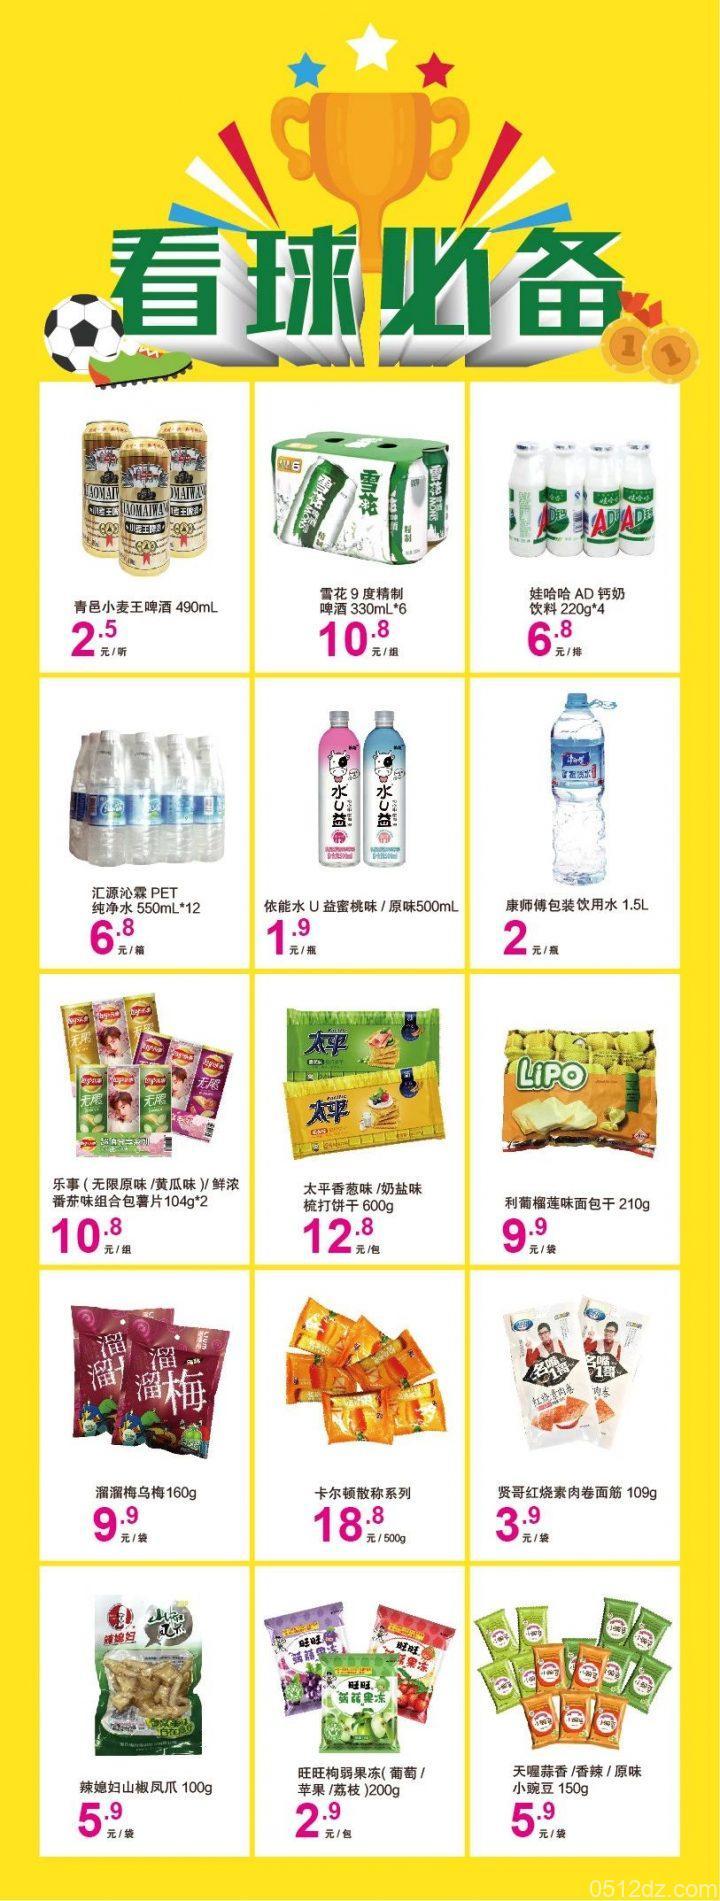 昆山万达永辉超市6月世界杯疯狂购